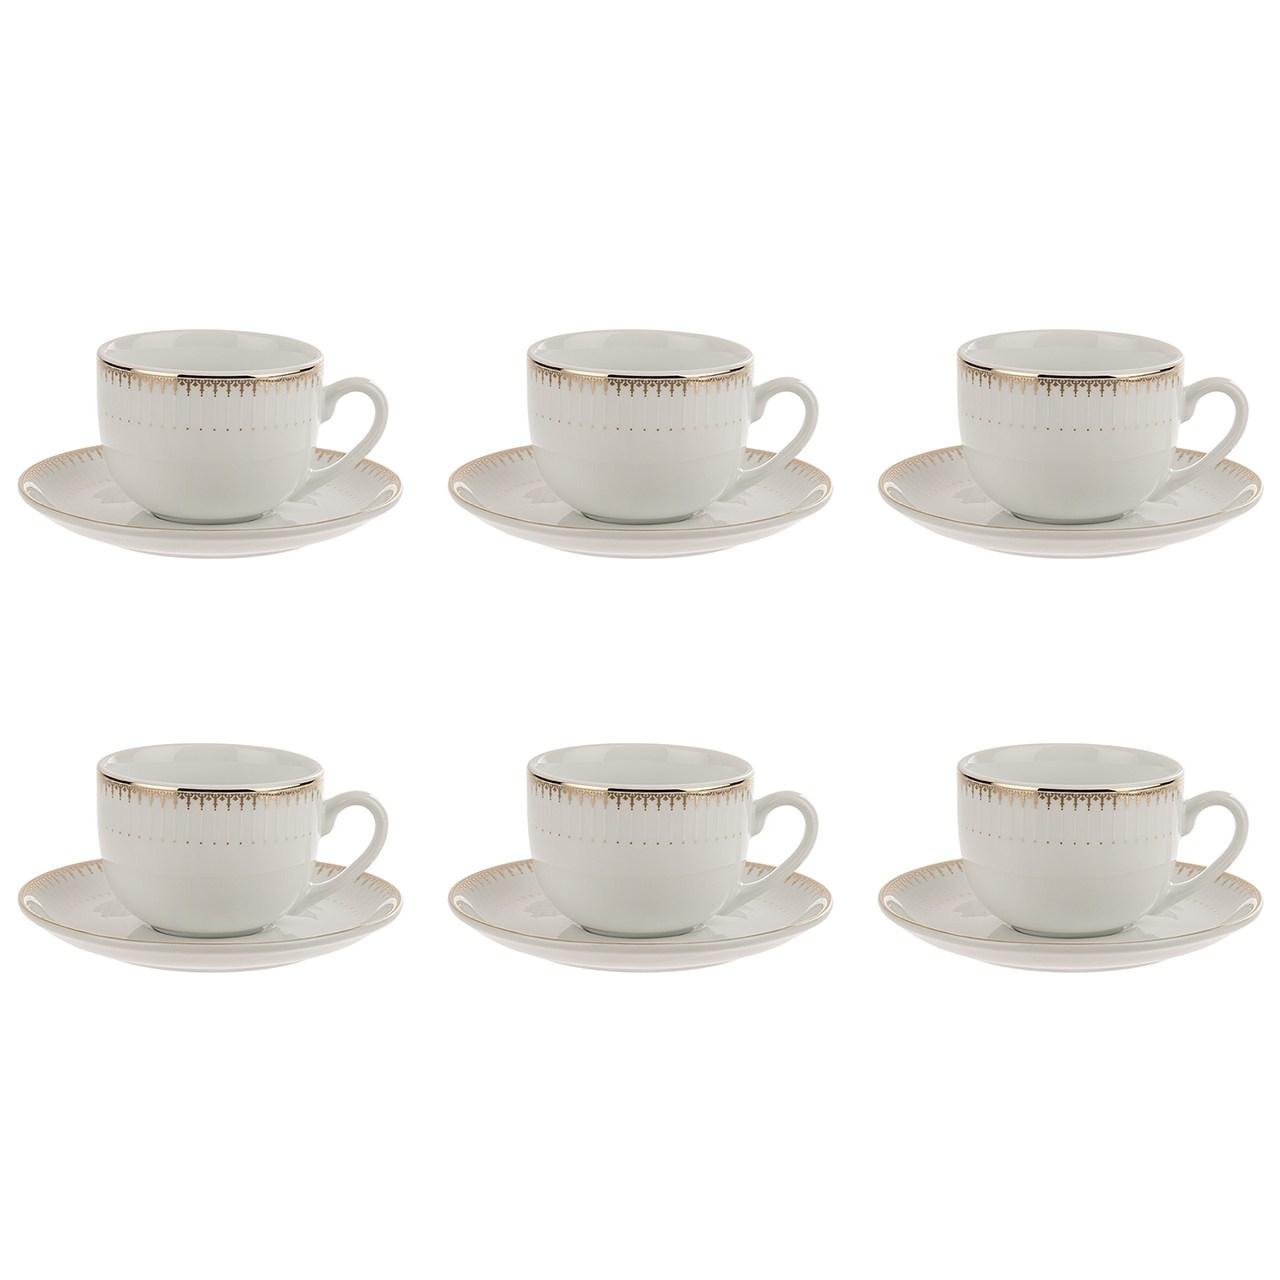 عکس سرویس چای خوری 12 پارچه چینی زرین ایران سری ایتالیا اف مدل Sepidar درجه یک